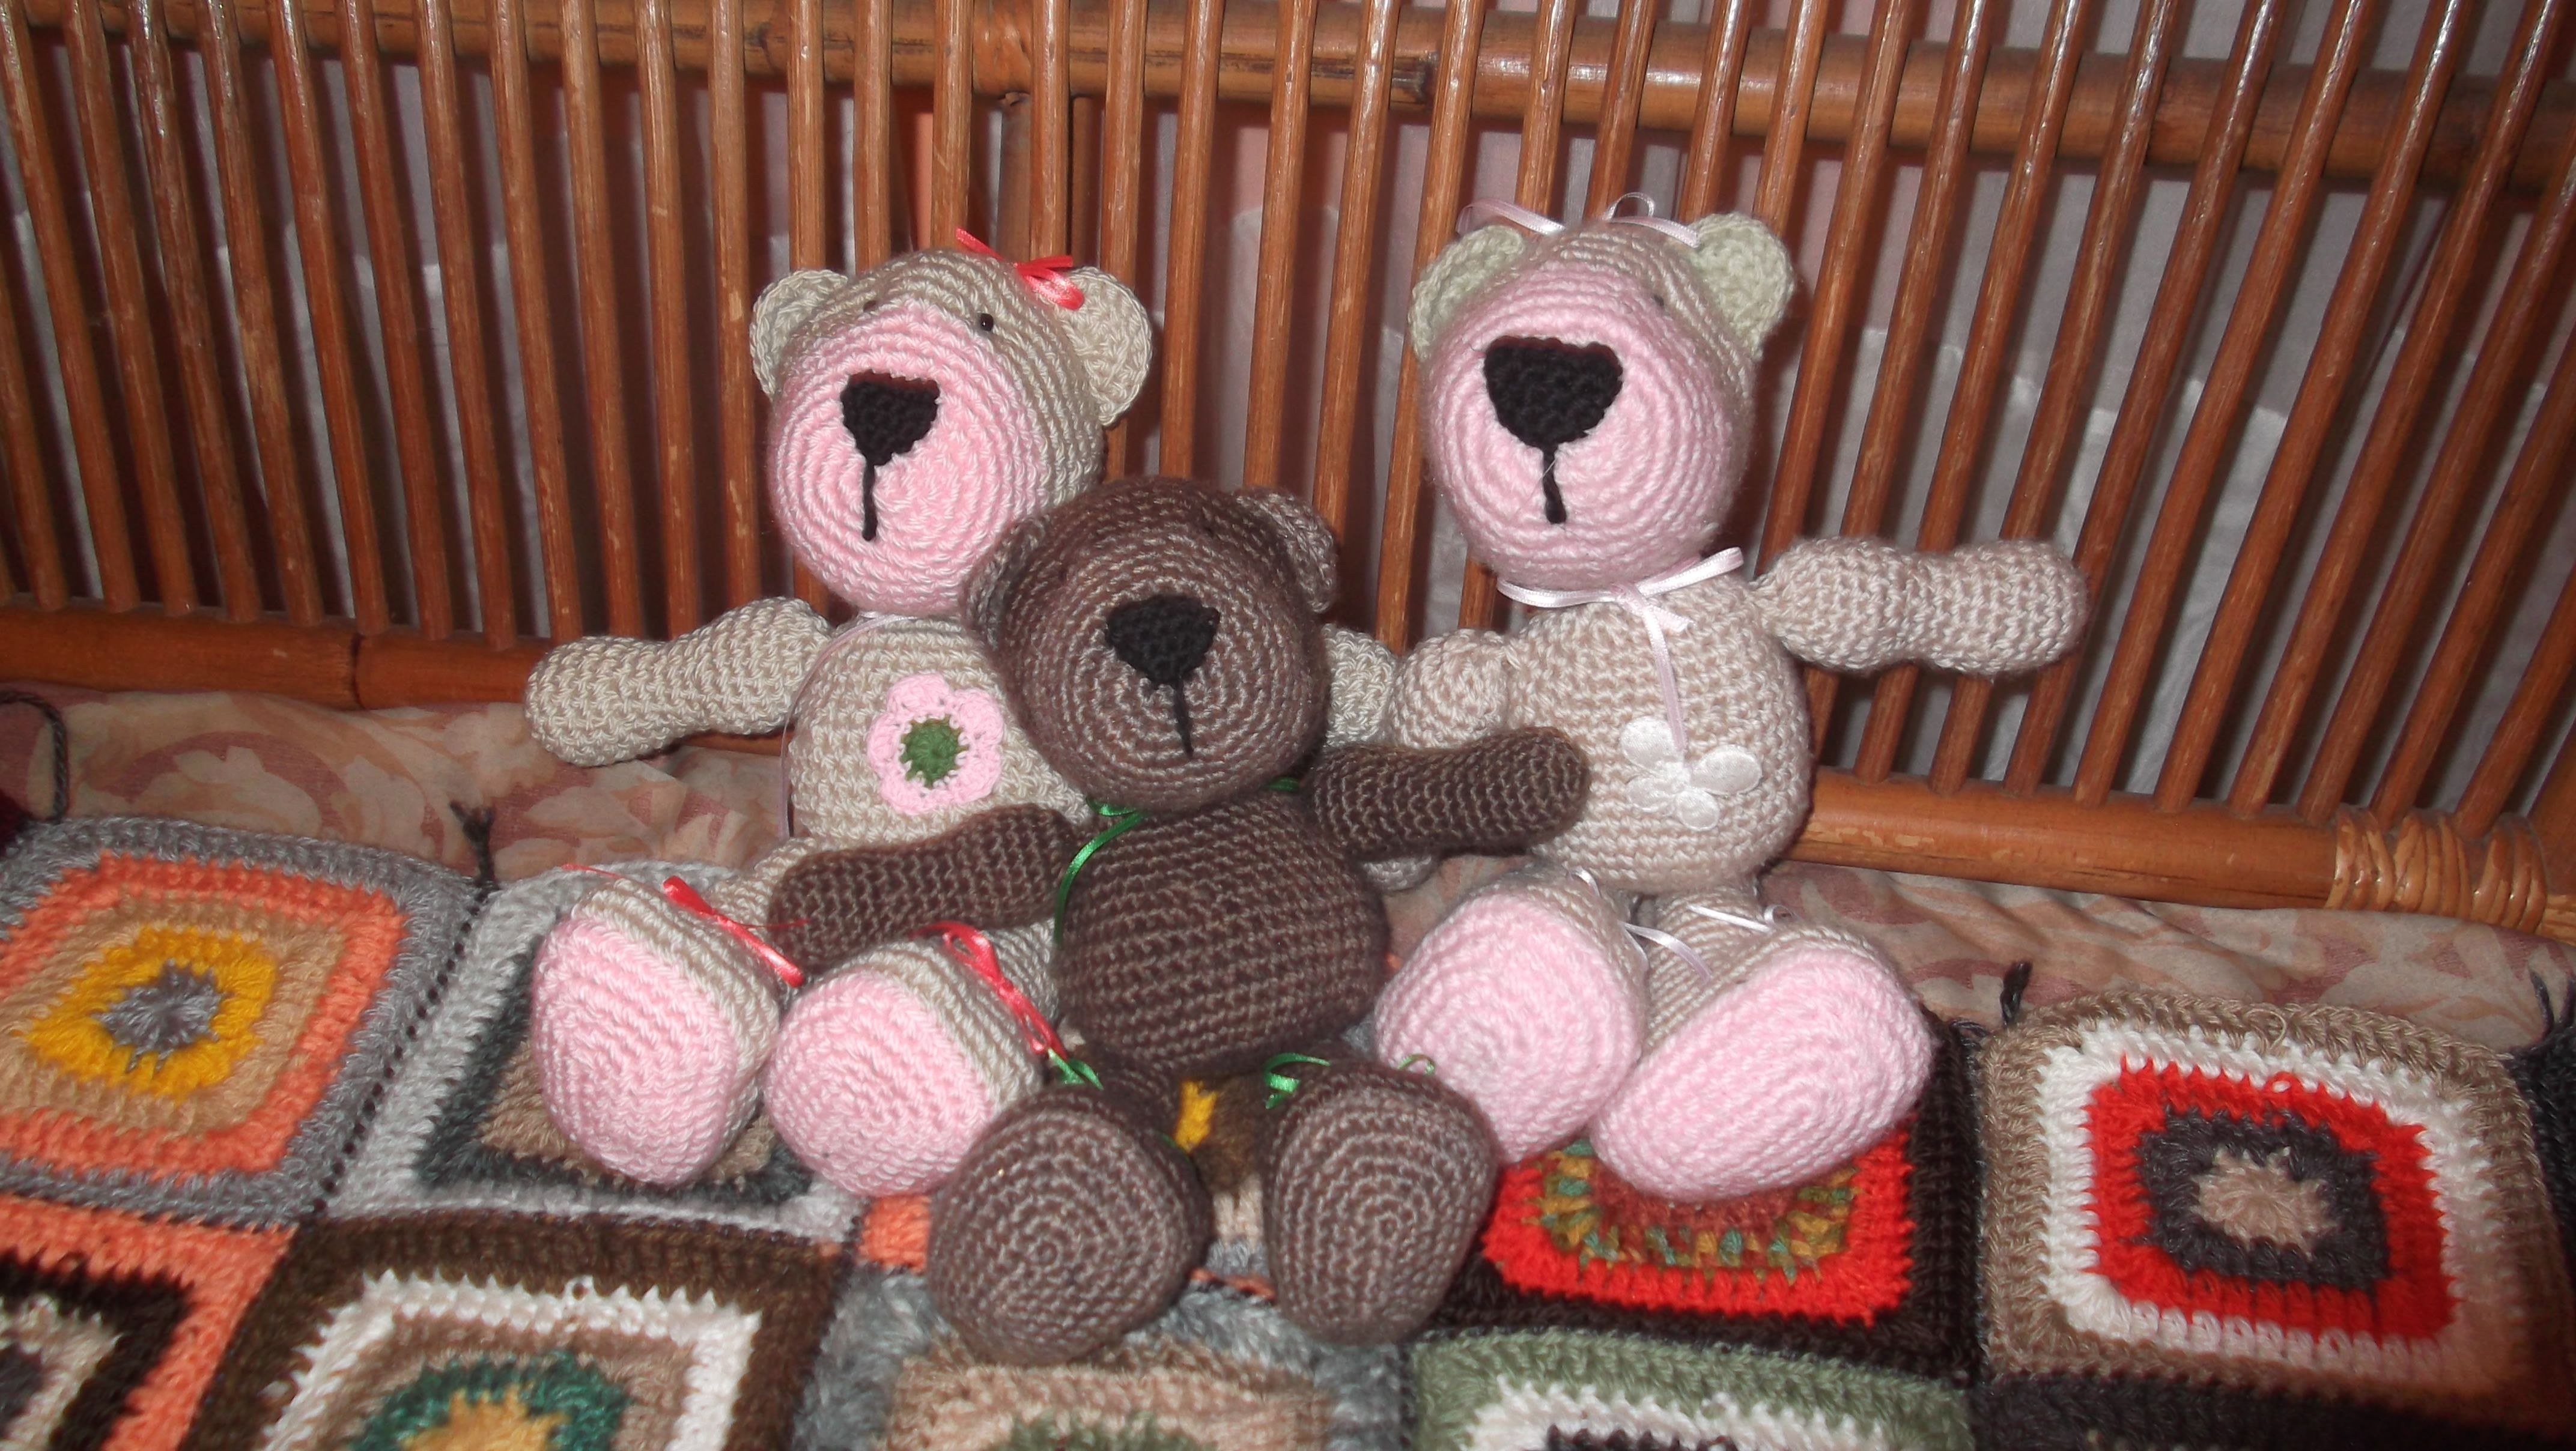 Tejiendo Peru Tutorial Amigurumi : Muñecos amigurumis tutorial tejiendoperu ositos teddy